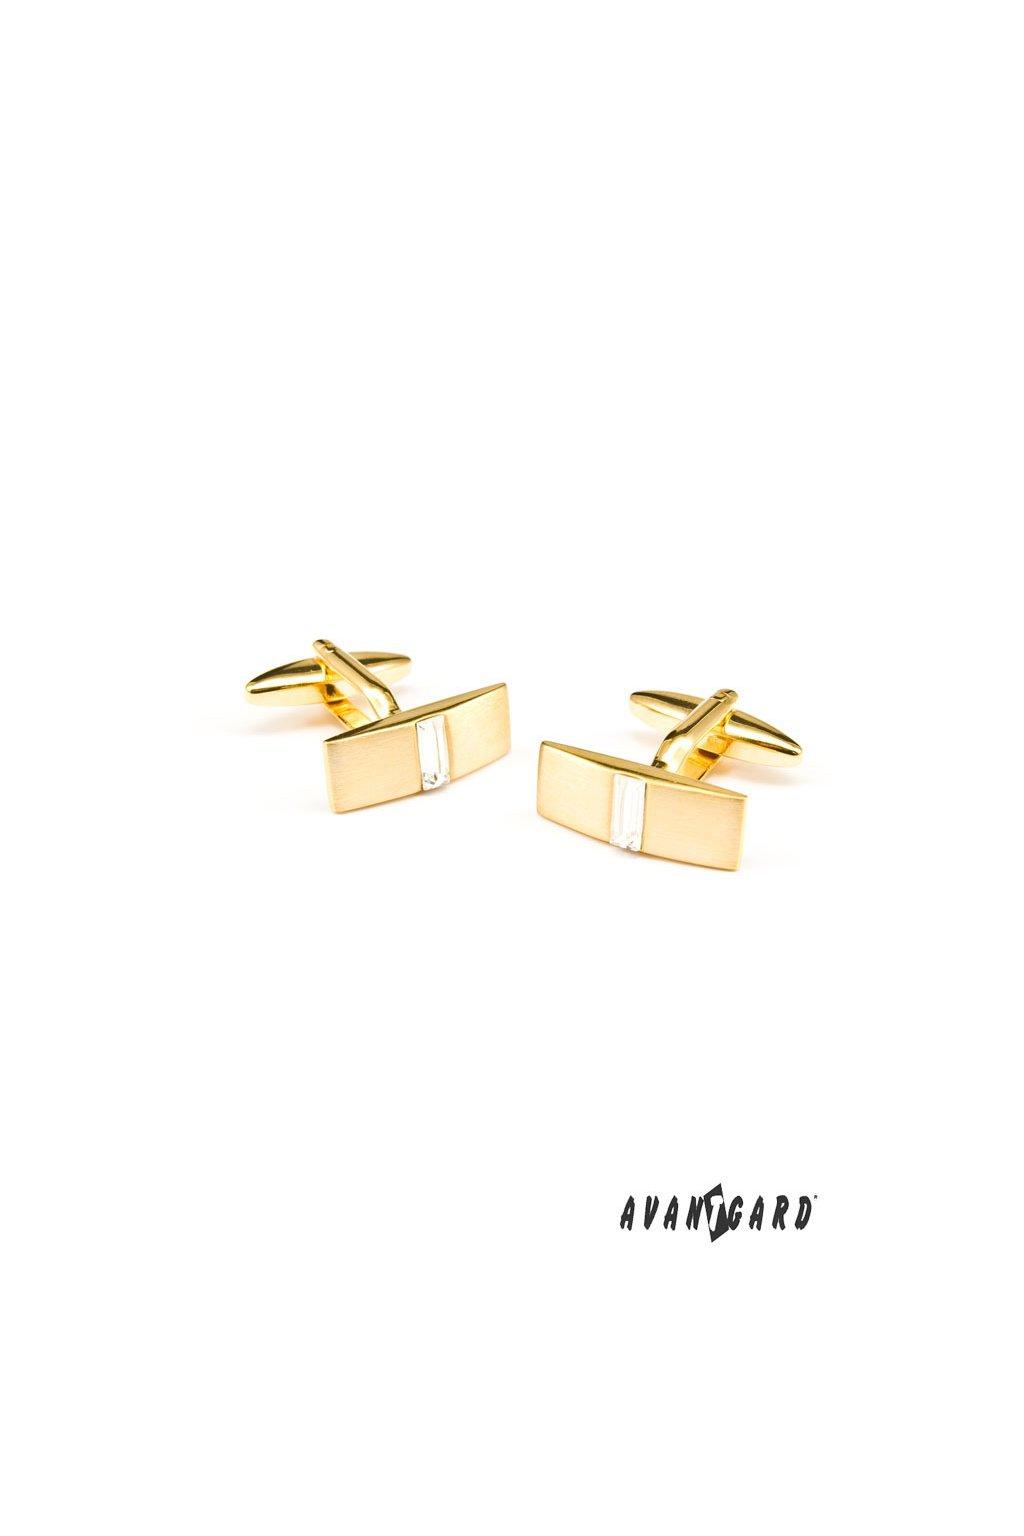 Manžetové knoflíčky PREMIUM zlatá mat 573 - 10055